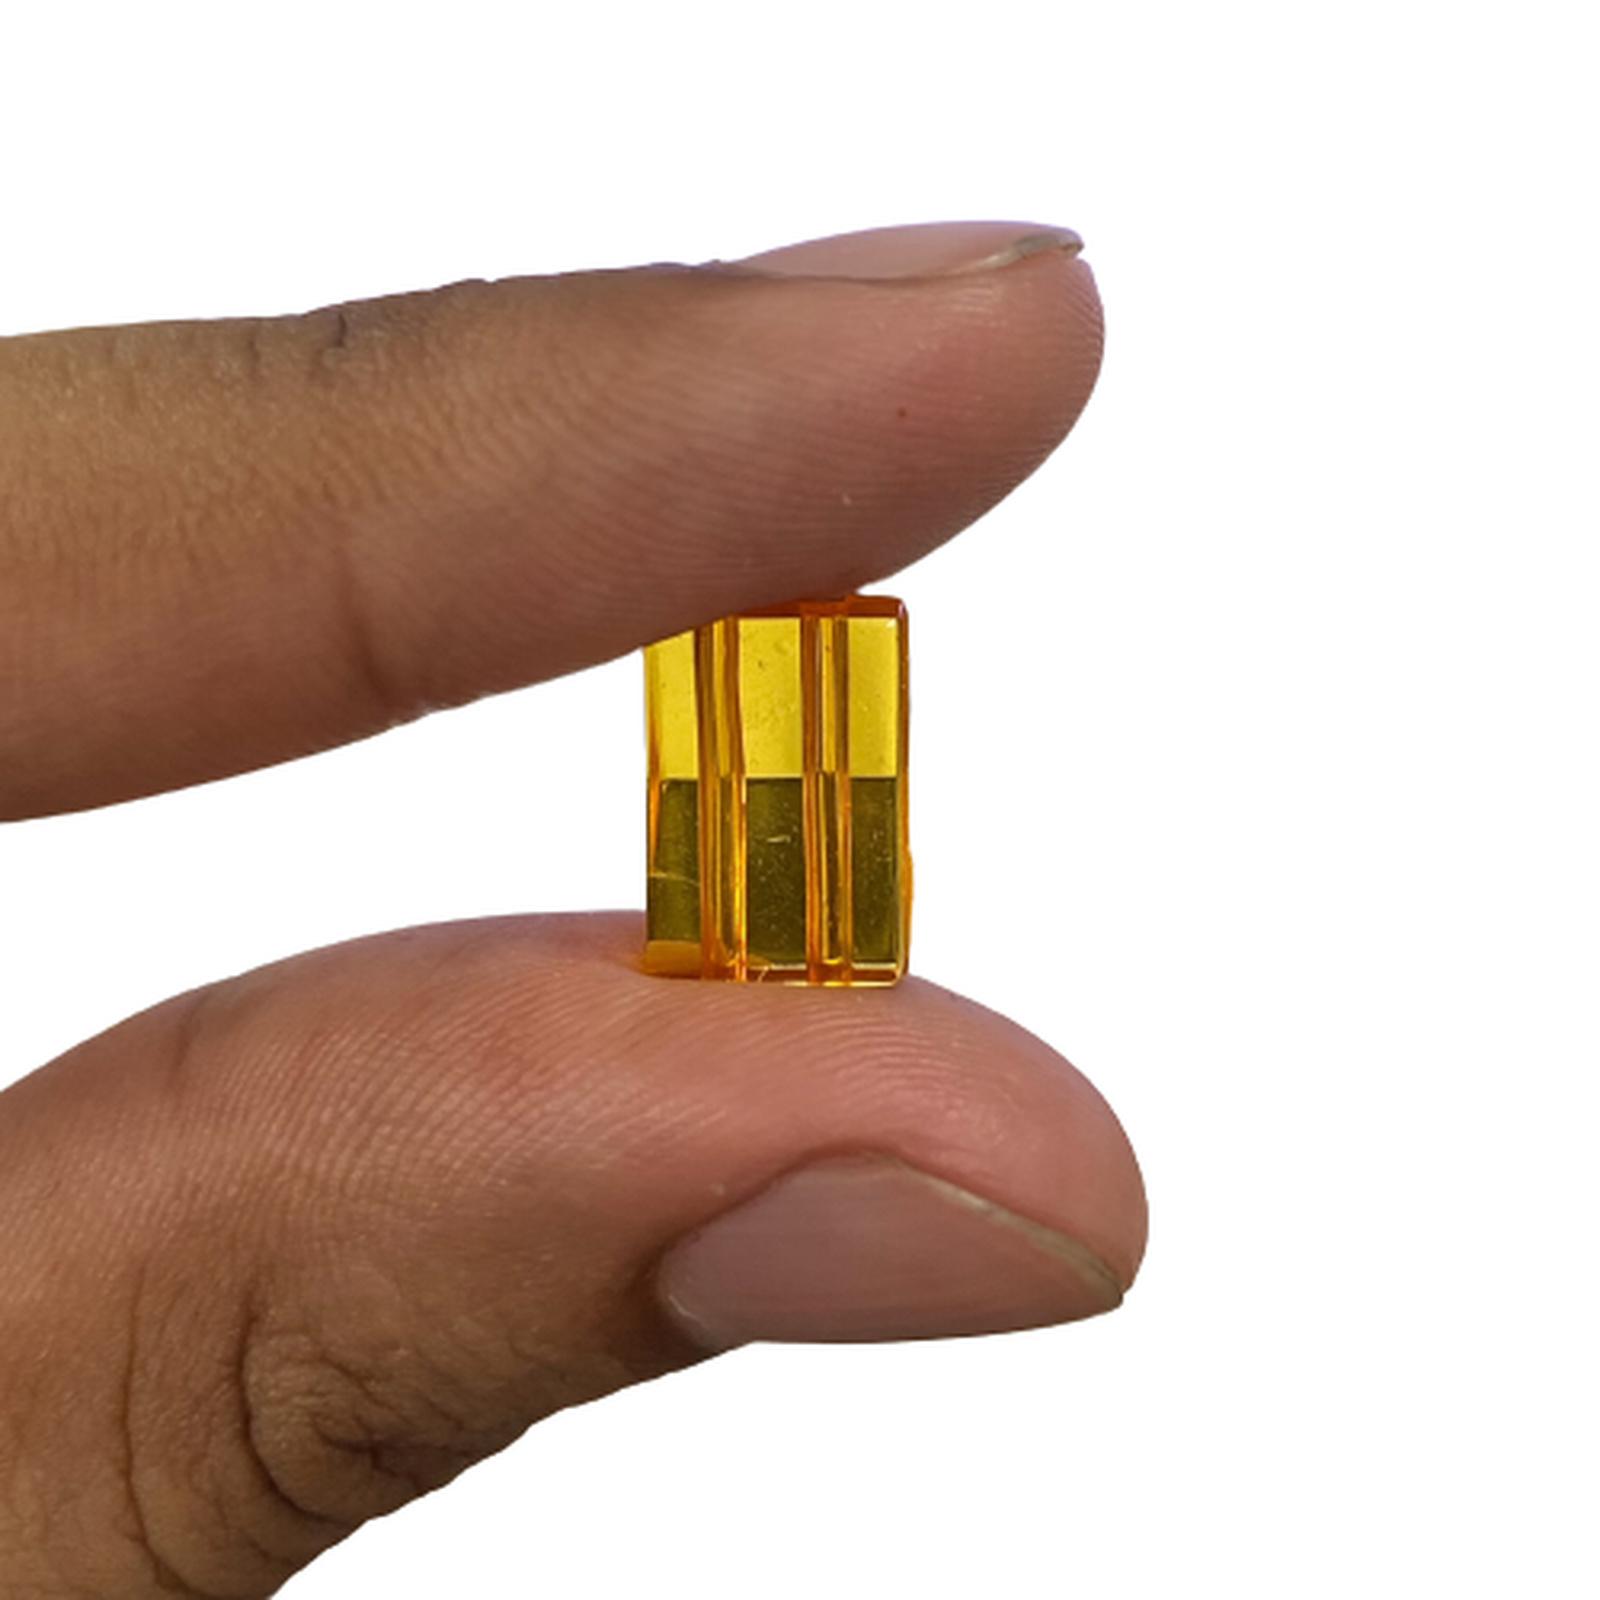 Conta Casinha Passante 14x9mm (com dois furos) - 250g